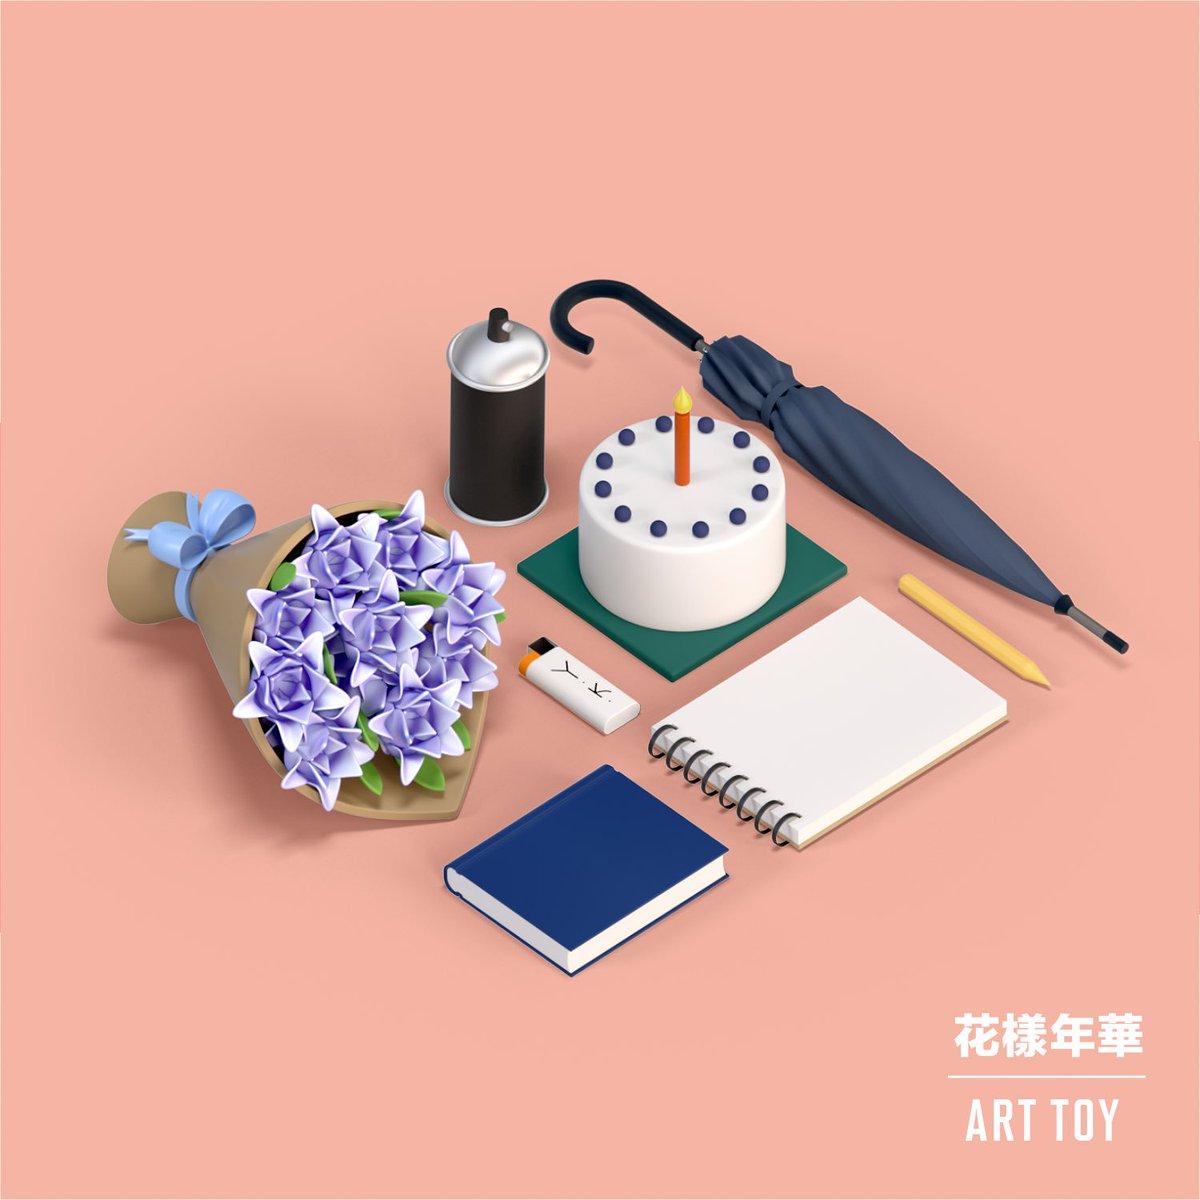 ยุนกิ - ไฟแช็ค พี่จิน - ดอกไม้ แท - สเปรย์พ่นสี